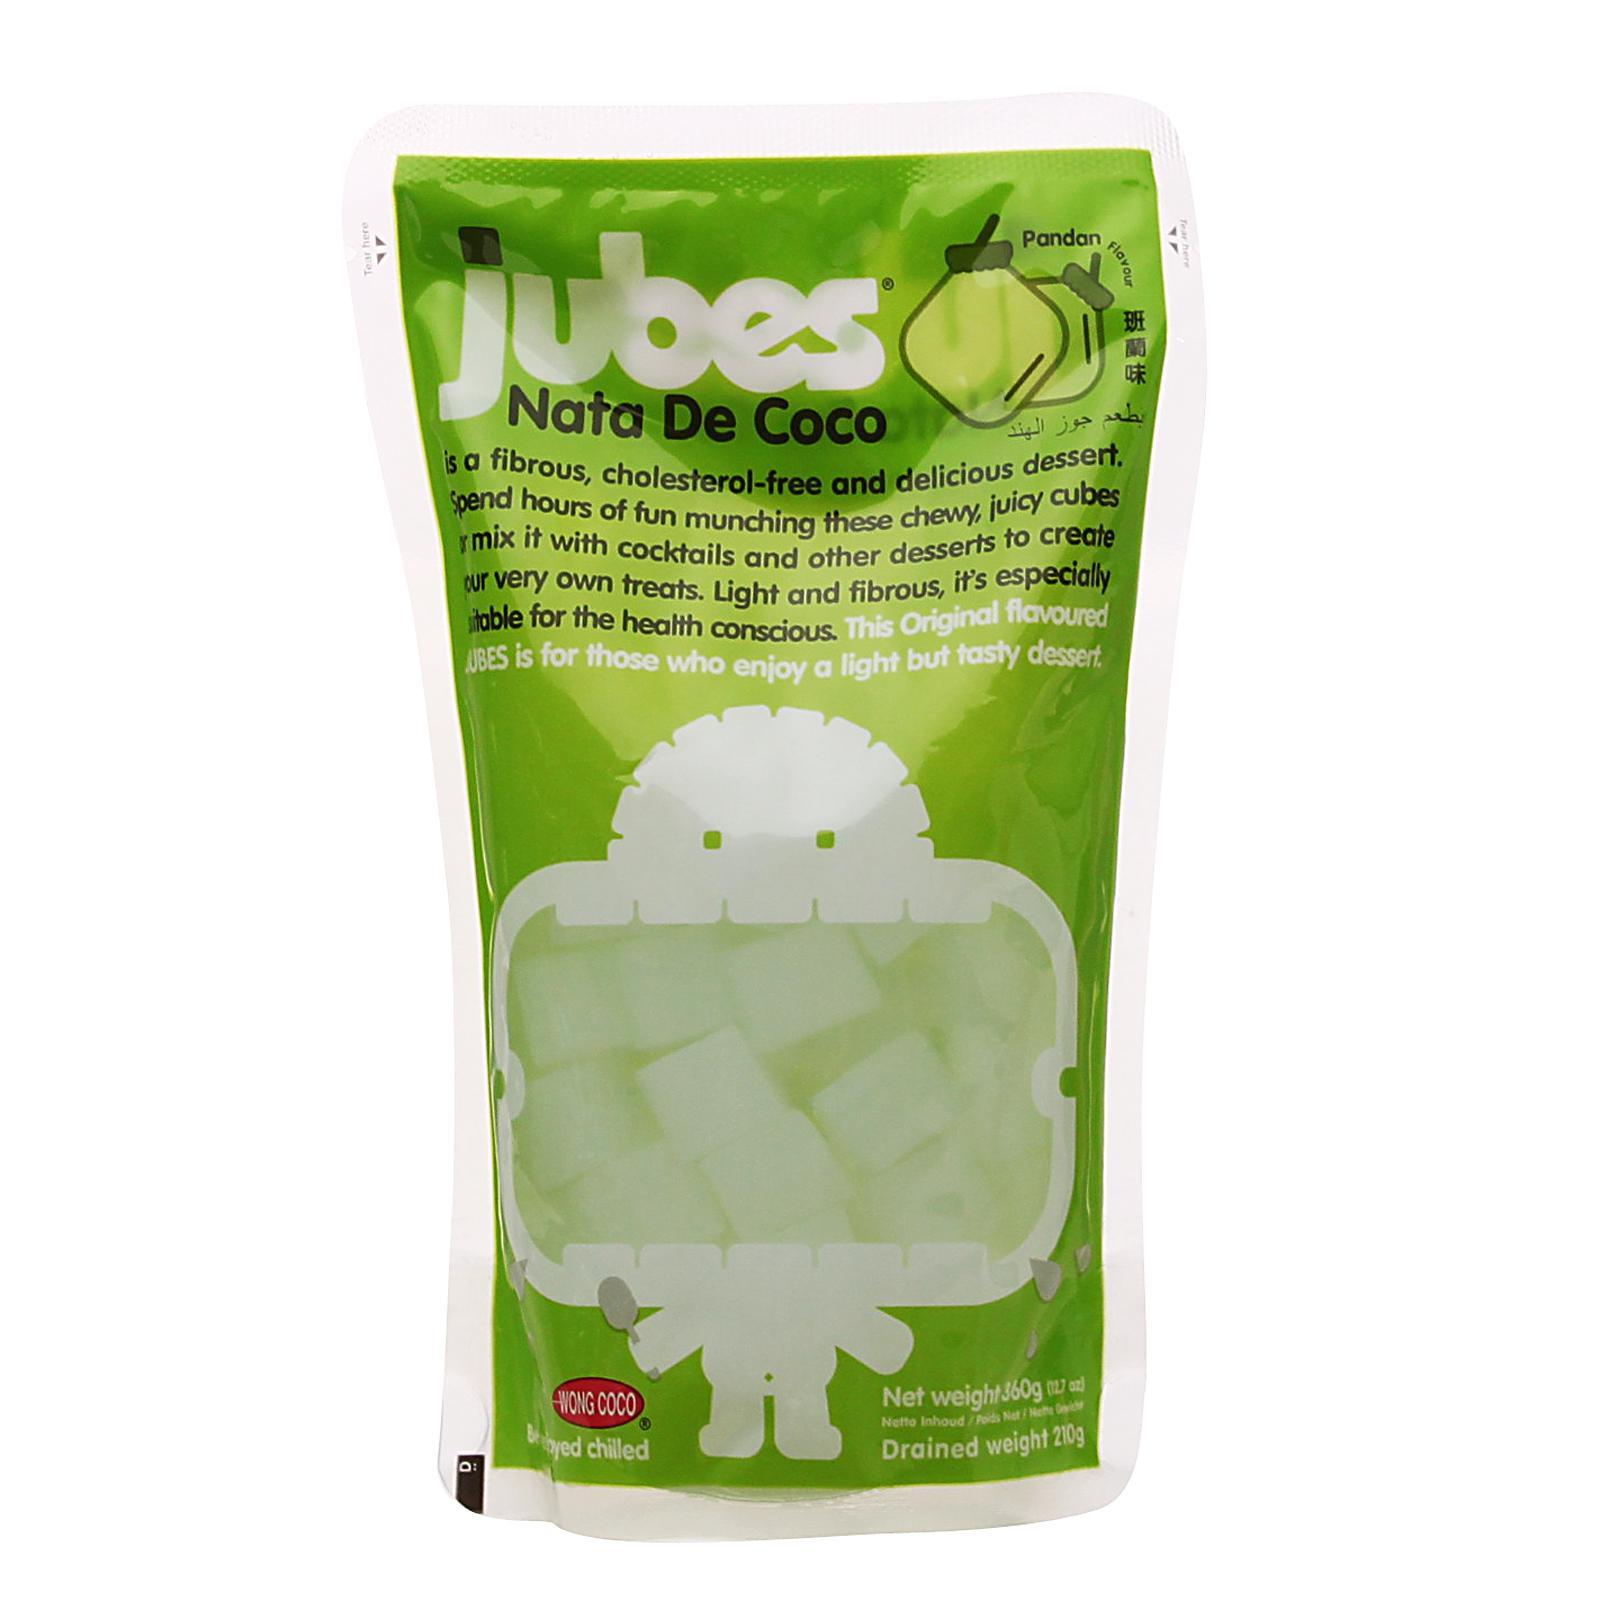 Jubes Nata de Coco Pandan Flavour Cubes